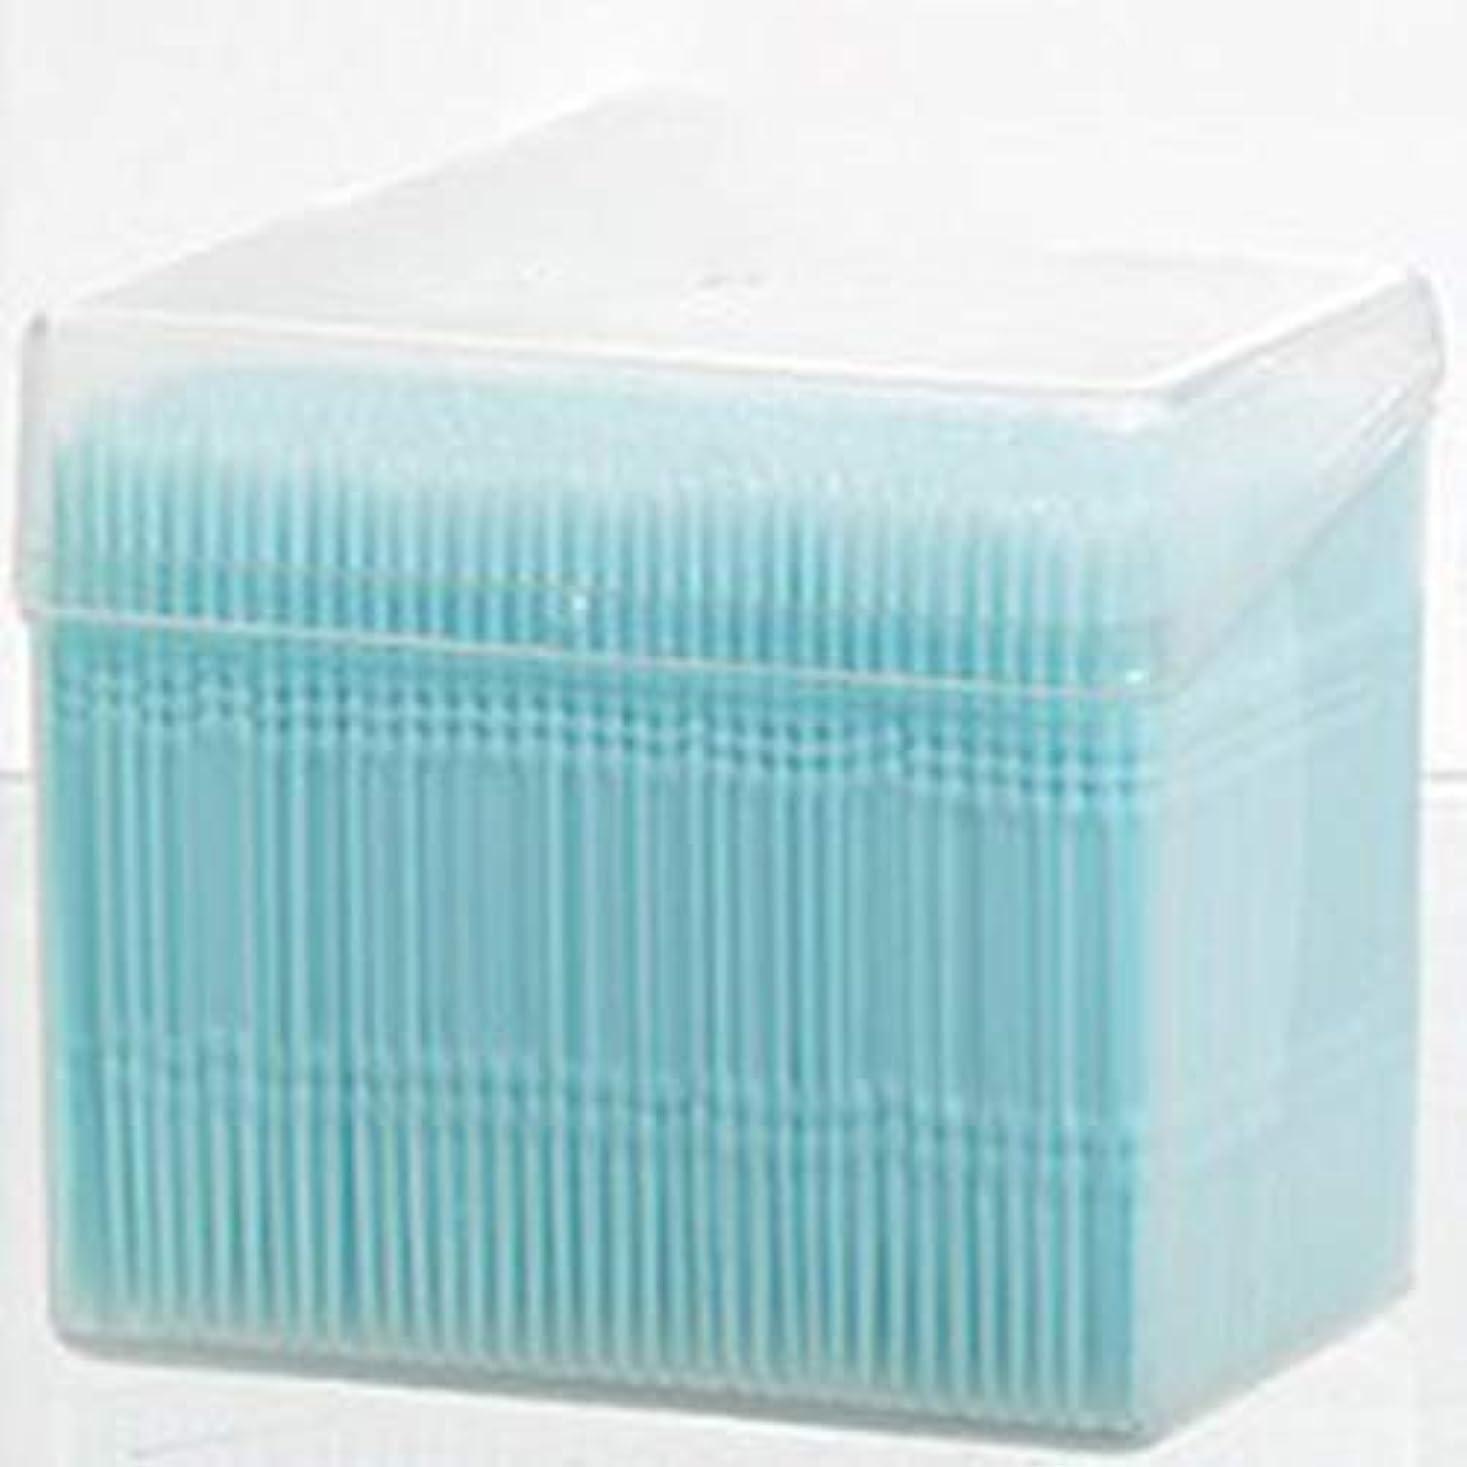 ファーム病気の黒1100ピース/セットダブルヘッド使い捨て歯フロス衛生デンタルフロス歯間つまようじ健康用歯のクリーニングオーラルケア(Color:blue)